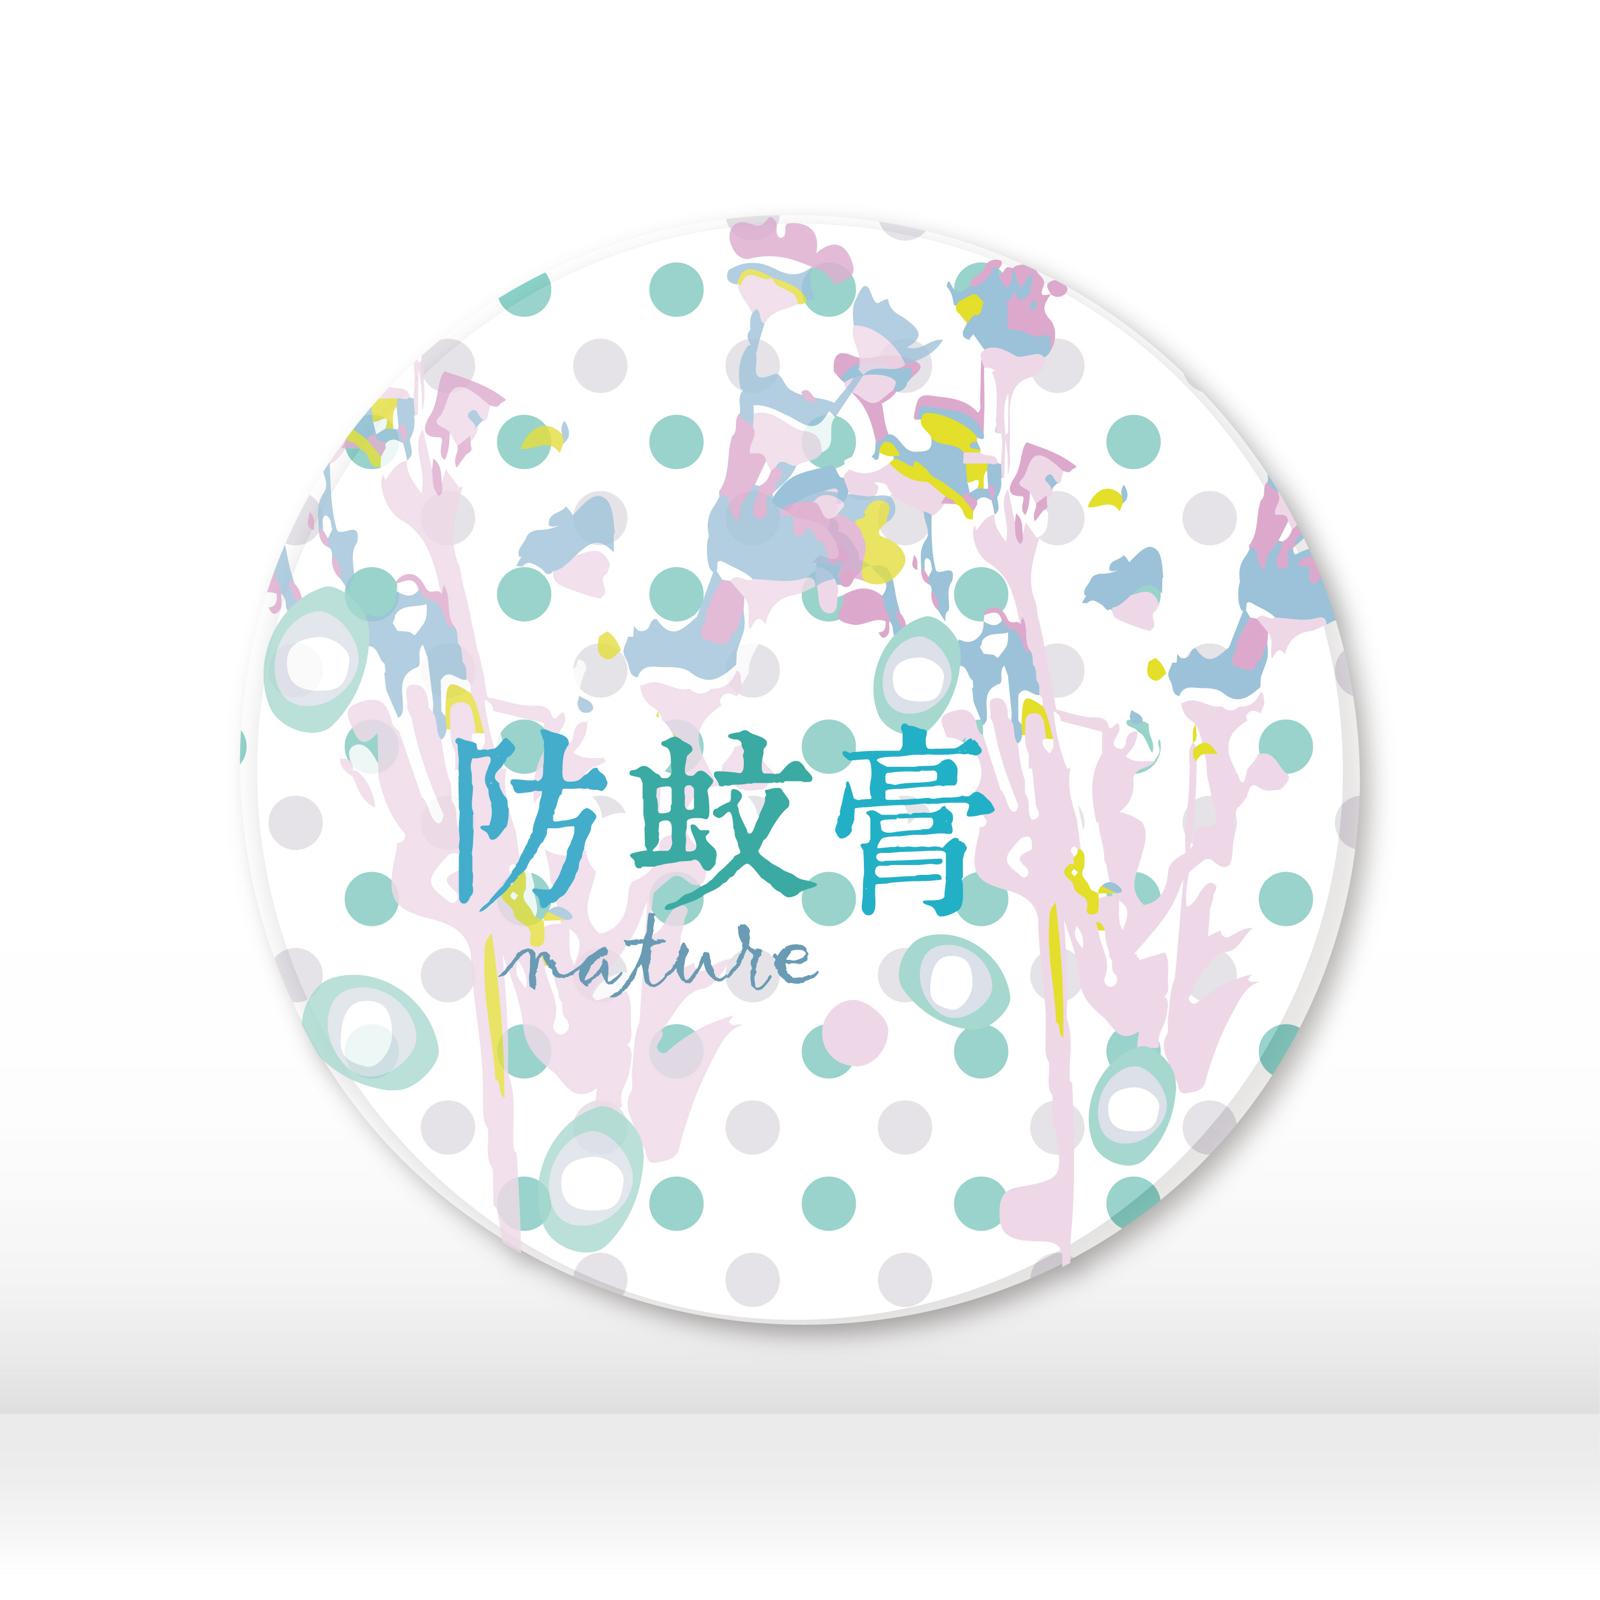 【香草工房】防蚊膏-週五甜蜜派對(20張/組)